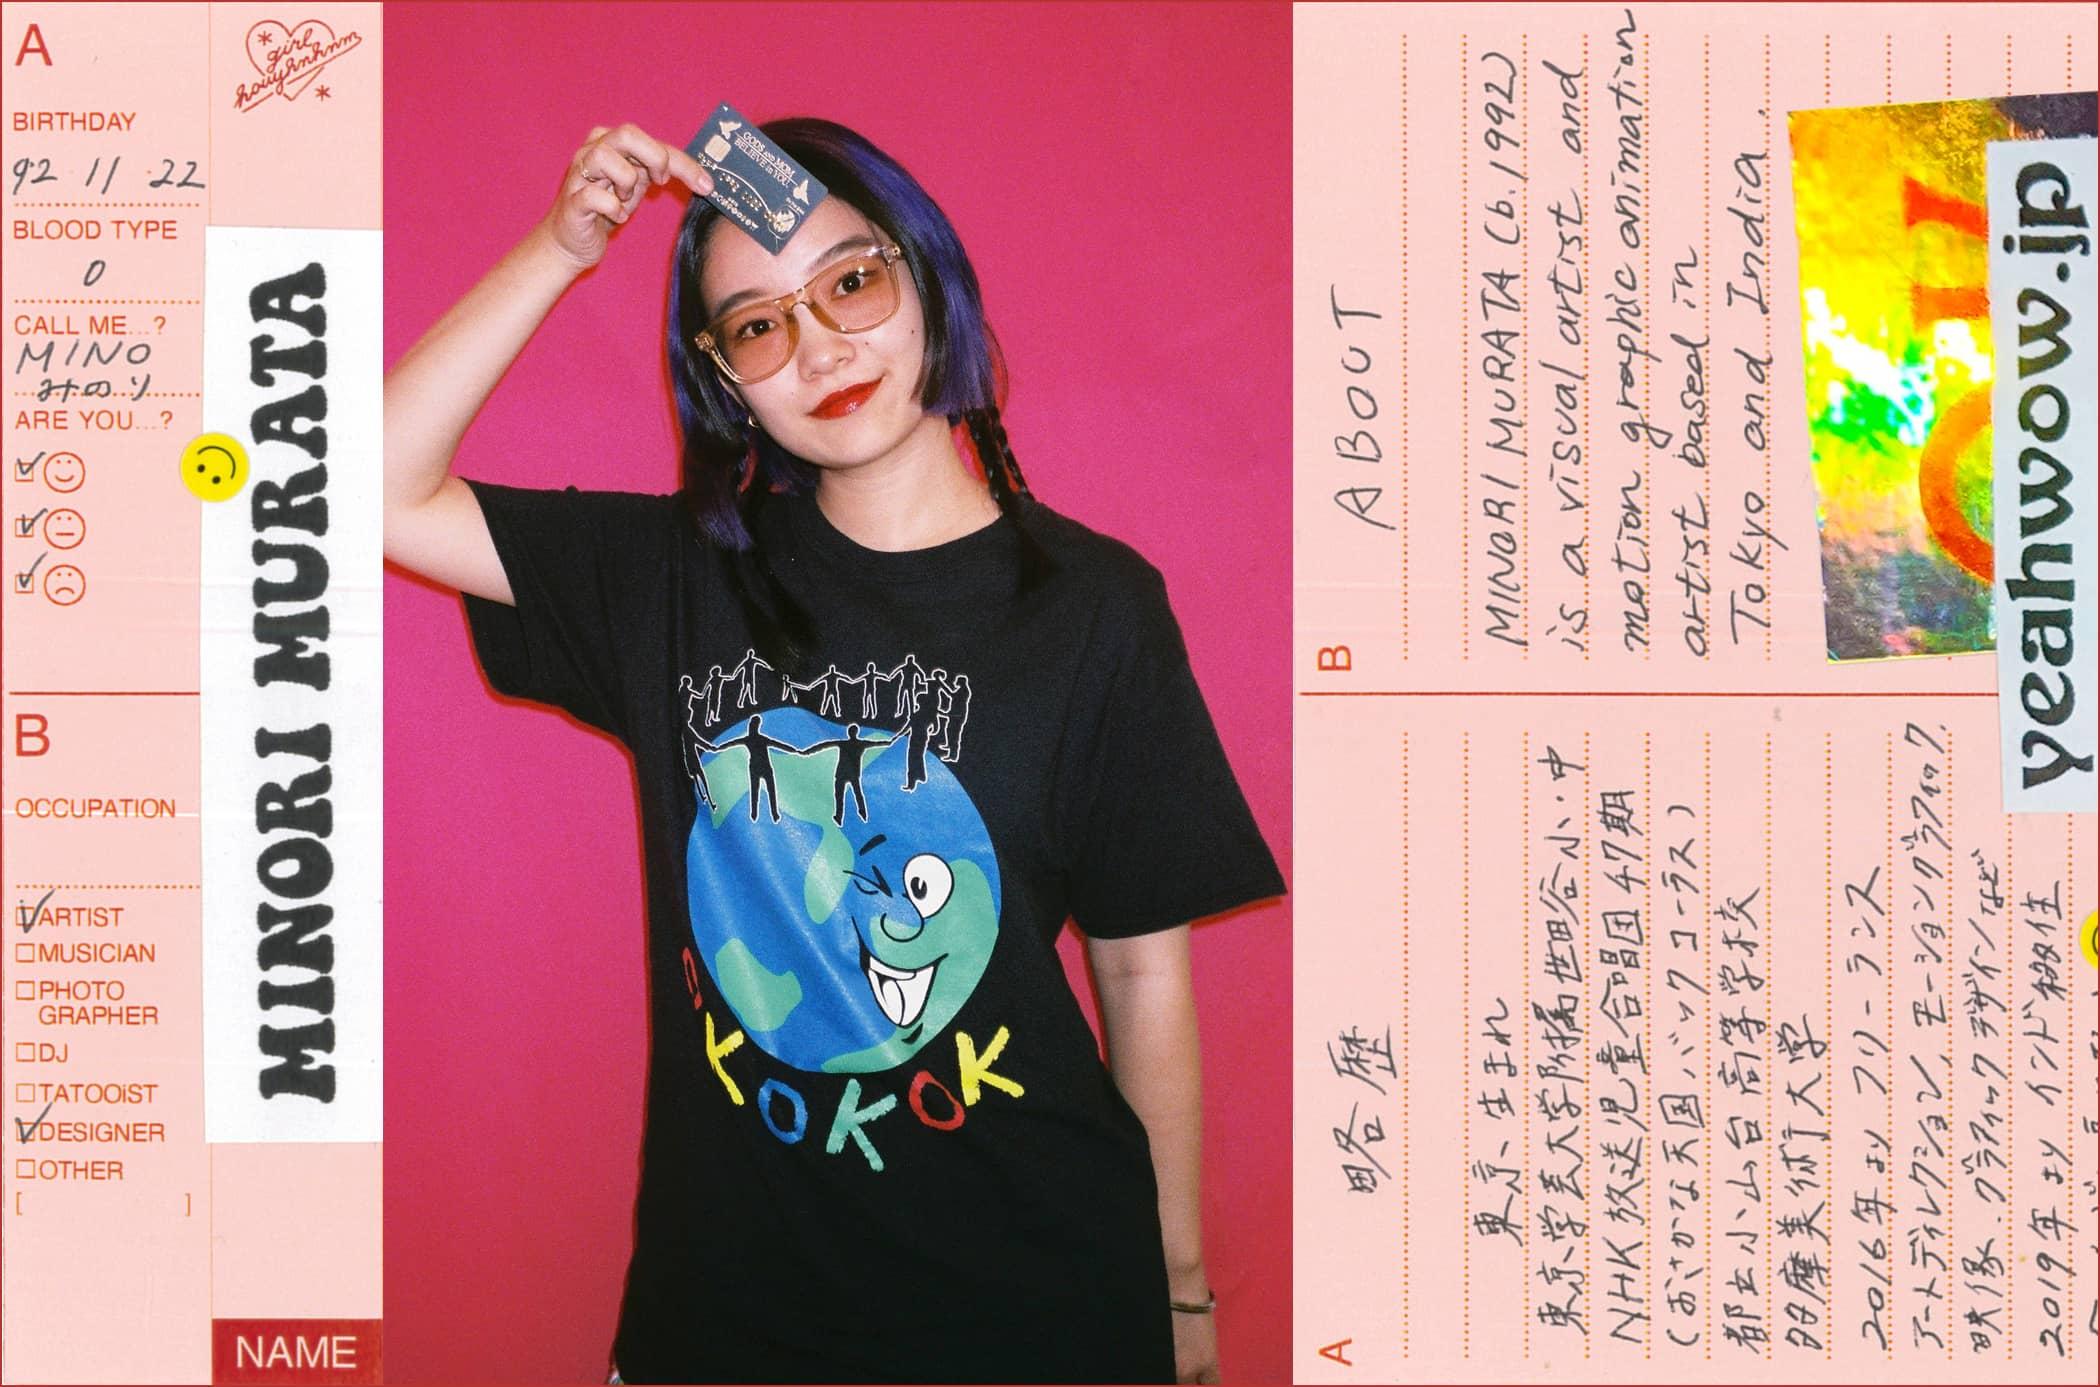 """彼女のダンステリア 村田実莉 / アートディレクター、ビジュアルアーティスト  虚構的な""""ファニー""""が生み出すエンターテイメント。"""